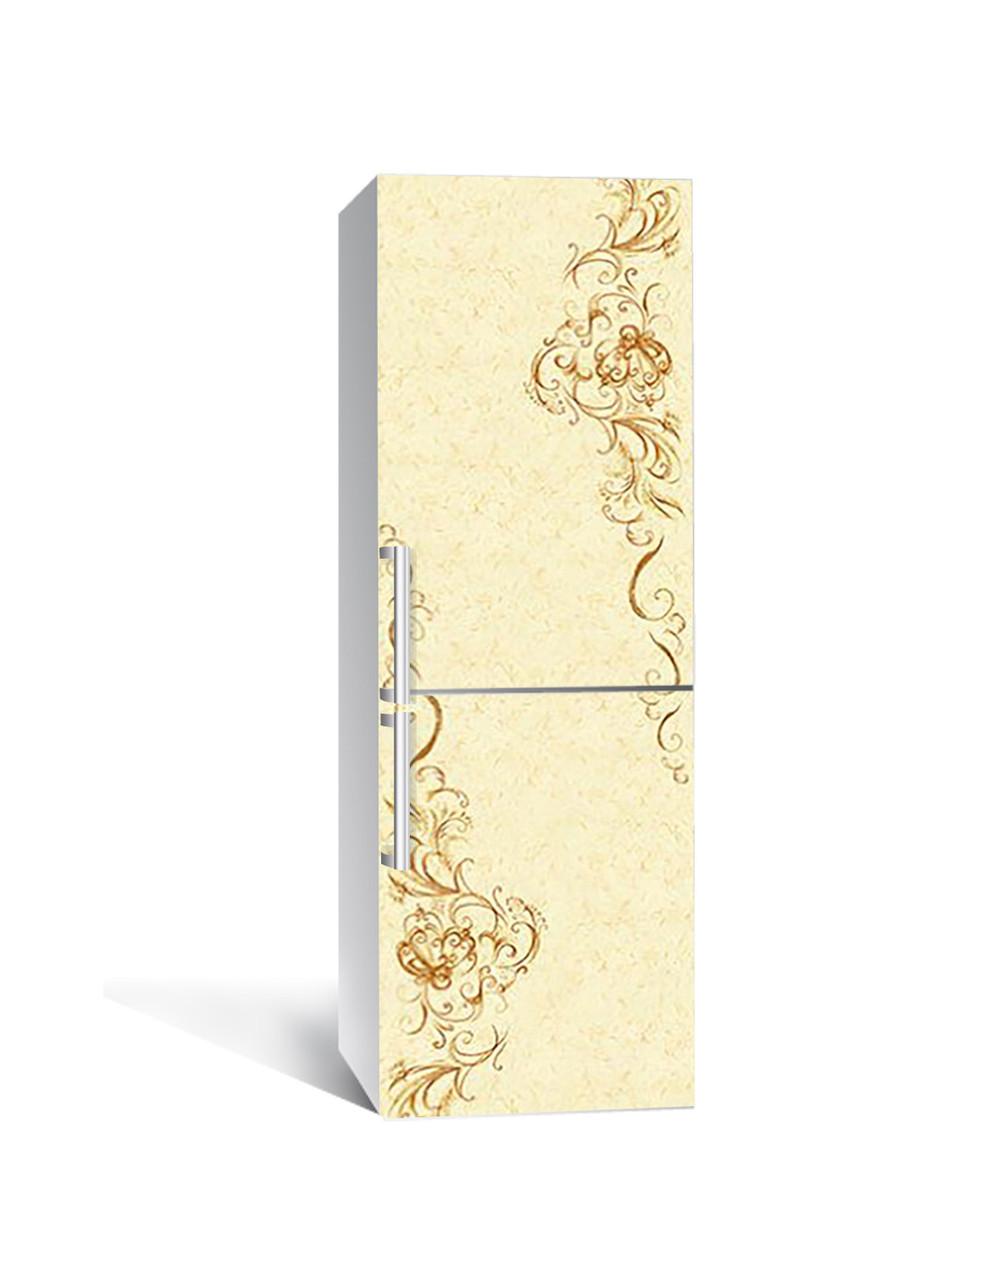 Вінілова наклейка на холодильник 3Д Античність Вензель (плівка ПВХ фотодрук) 65*200см Абстракція Бежевий